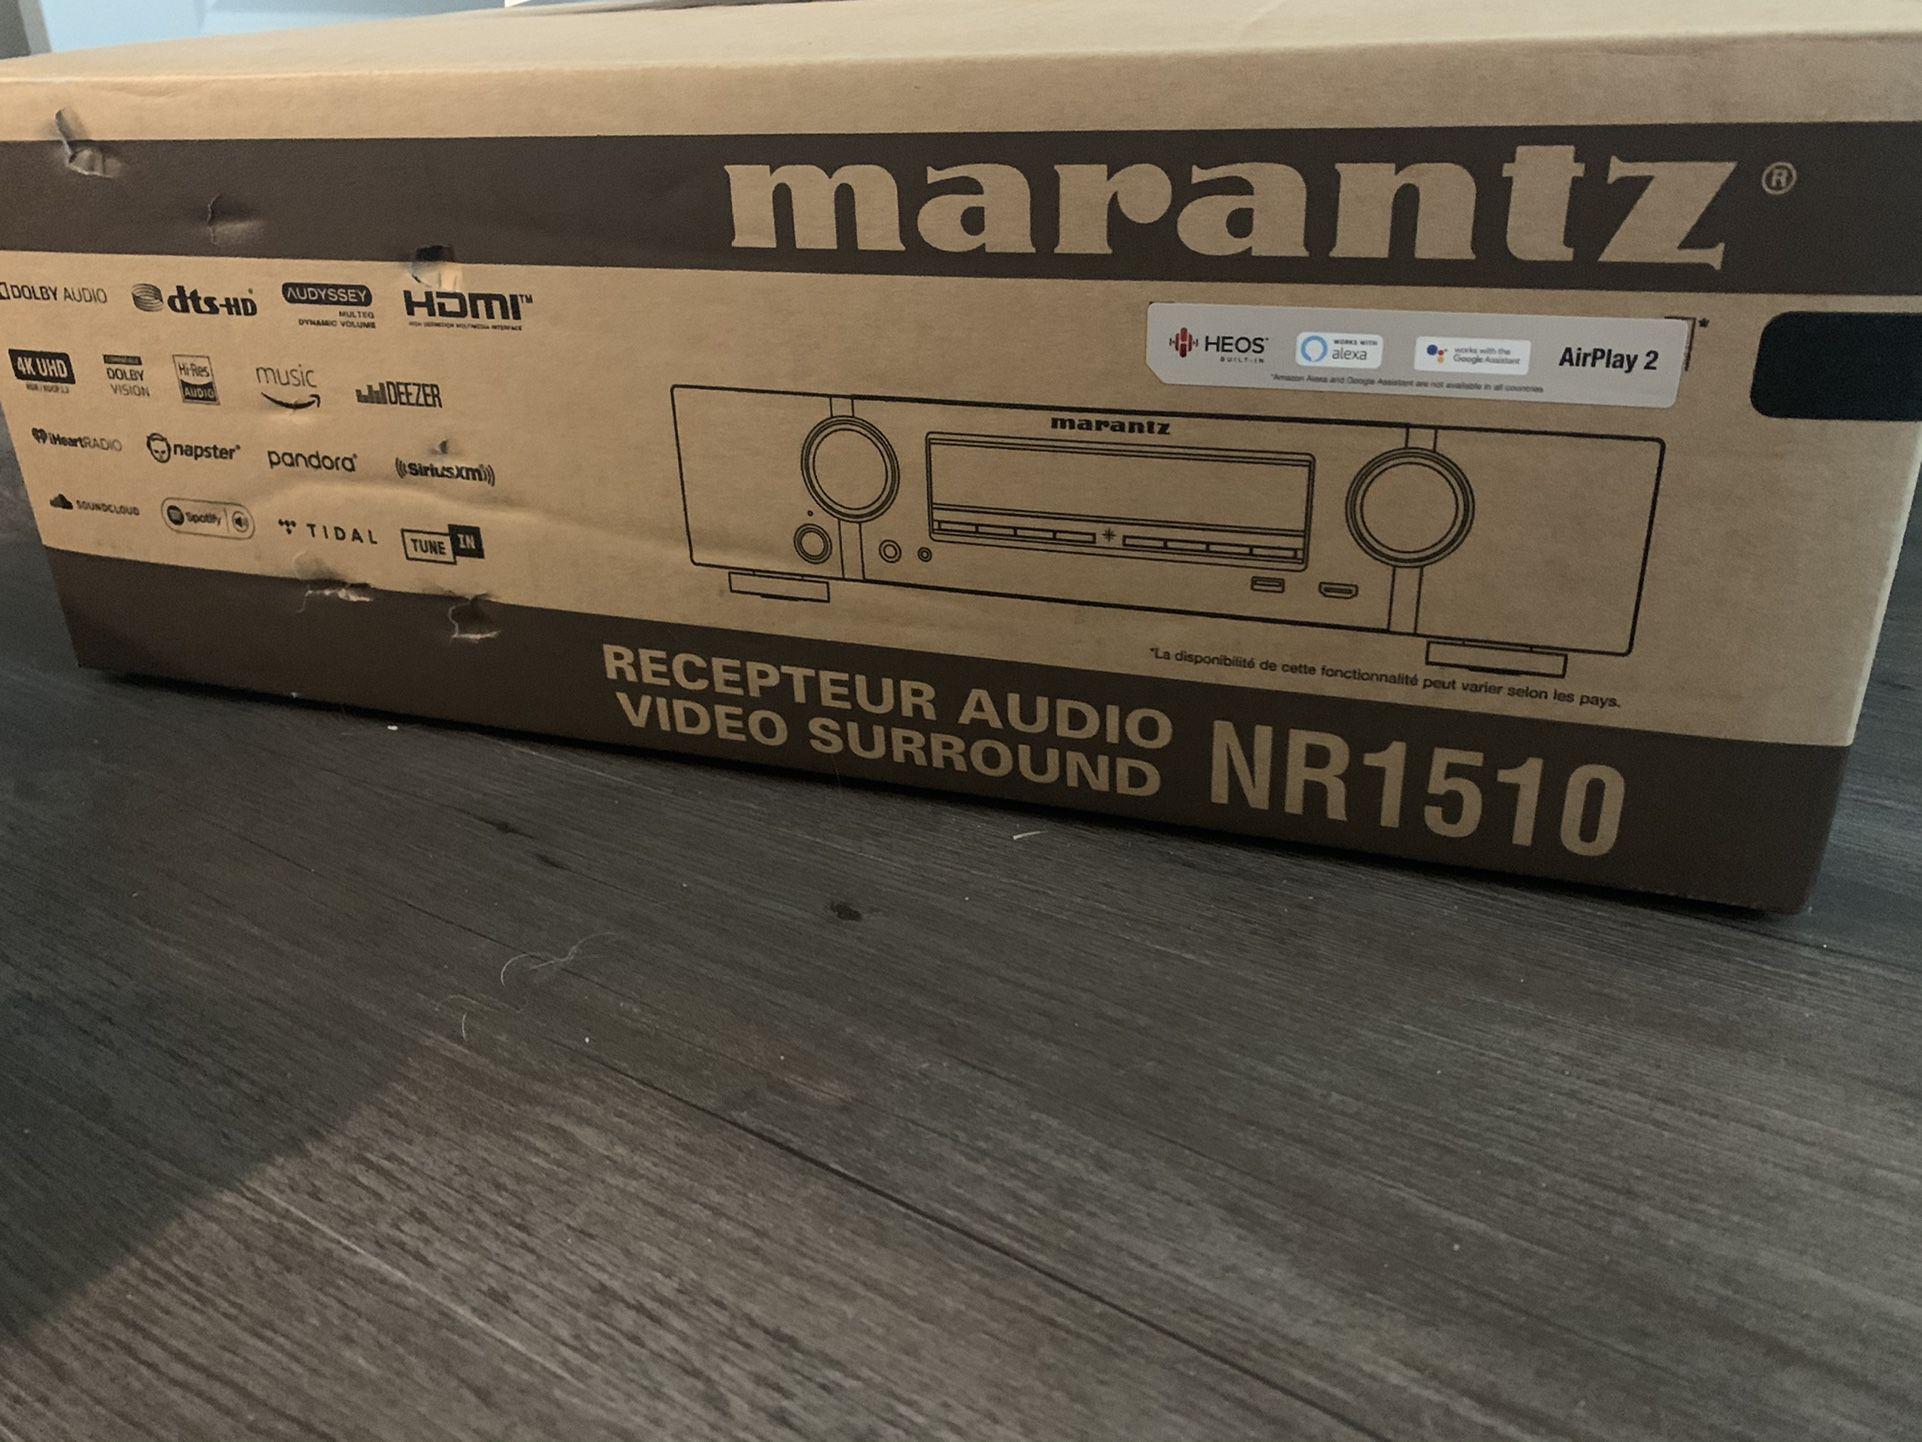 *NEW* Marantz Receiver W/ Martin Logan 4i (Pair)